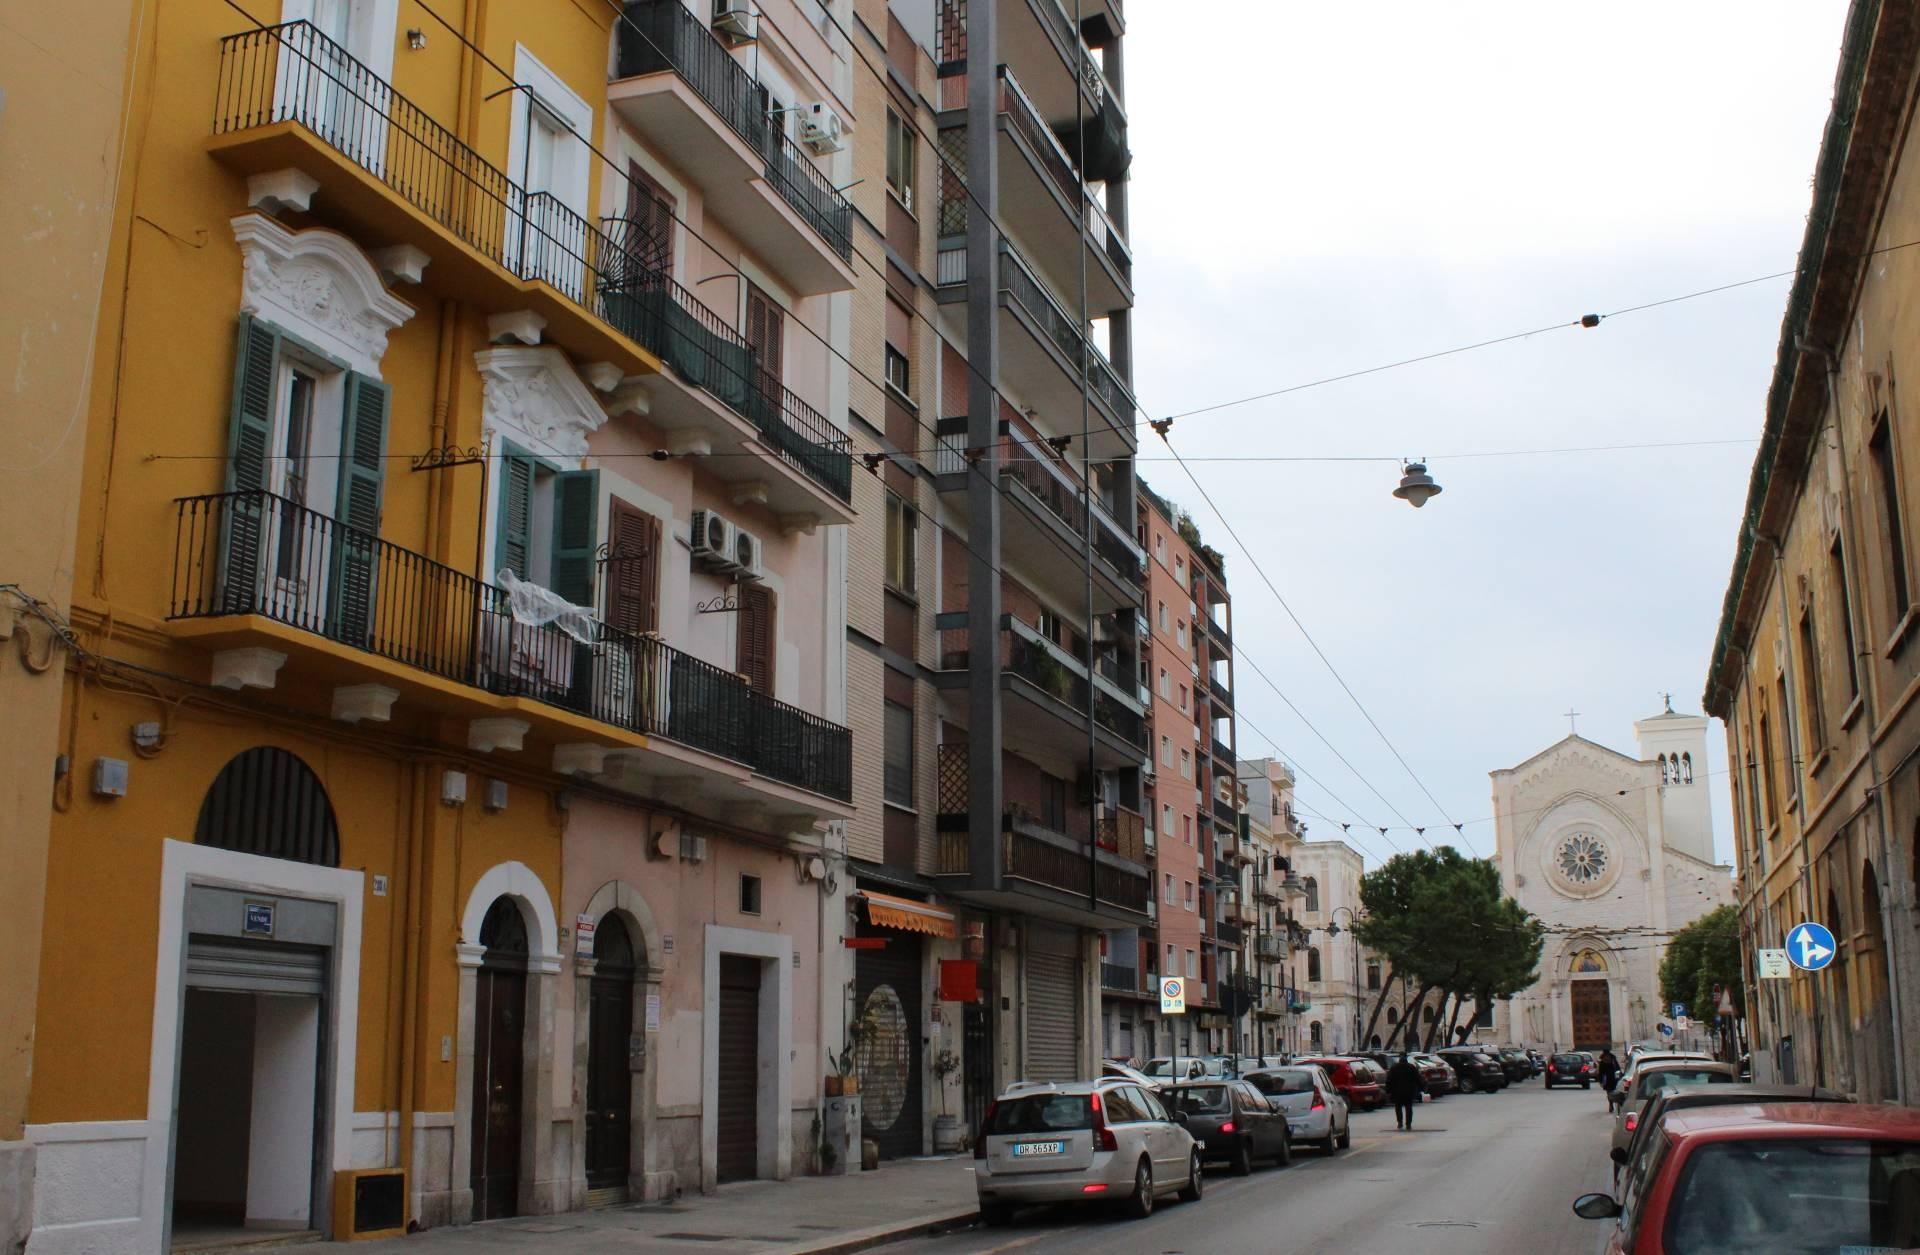 Appartamento in vendita a Bari, 2 locali, prezzo € 59.000 | CambioCasa.it